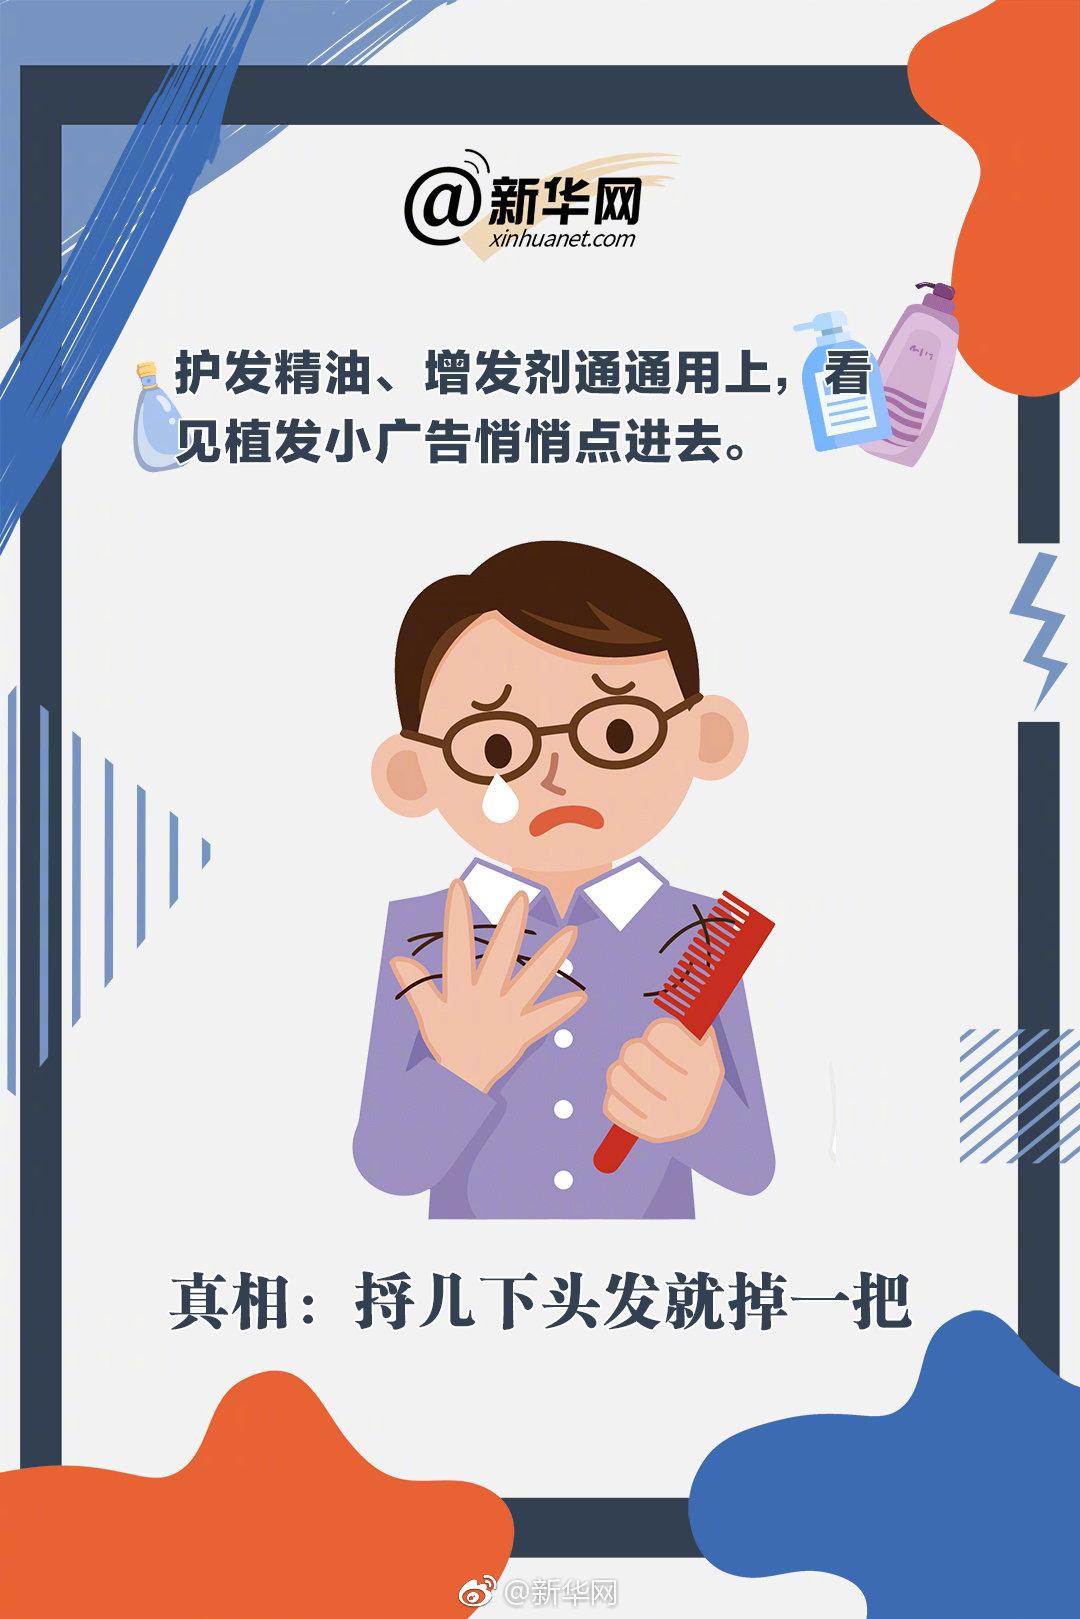 彩票网站下载app送彩金--媒校友秀俠之小英雄2想法俠的